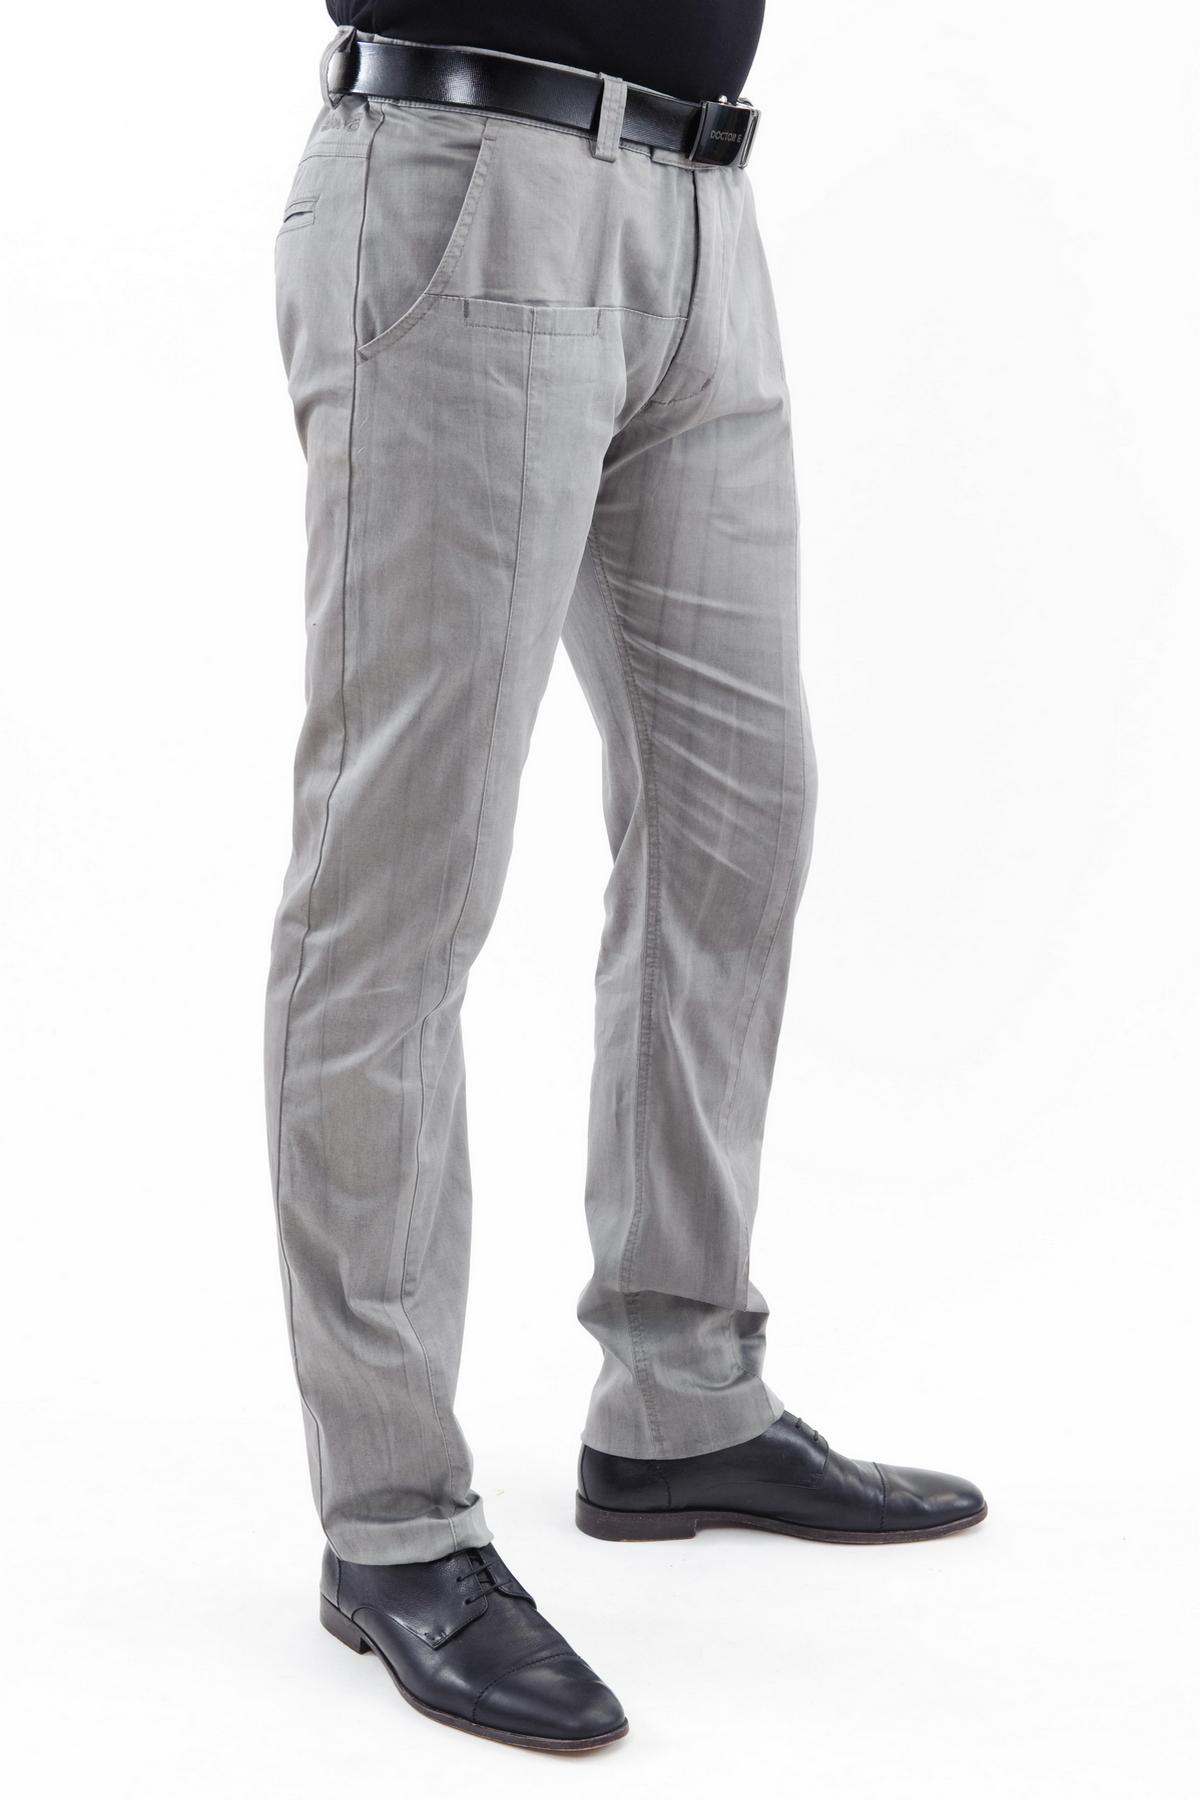 БрюкиБрюки, джинсы, шорты от производителя<br>Стильные брюки. Модель прямого силуэта не стесняет движений. Благодаря лаконичному дизайну эти брюки превосходно гармонируют с любой одеждой.Коллекция Троя дизайнера Павла Ерокина.<br><br>Цвет: серый<br>Состав: 97% хлопок, 3% лайкра<br>Размер: 44,48<br>Страна дизайна: Россия<br>Страна производства: Россия